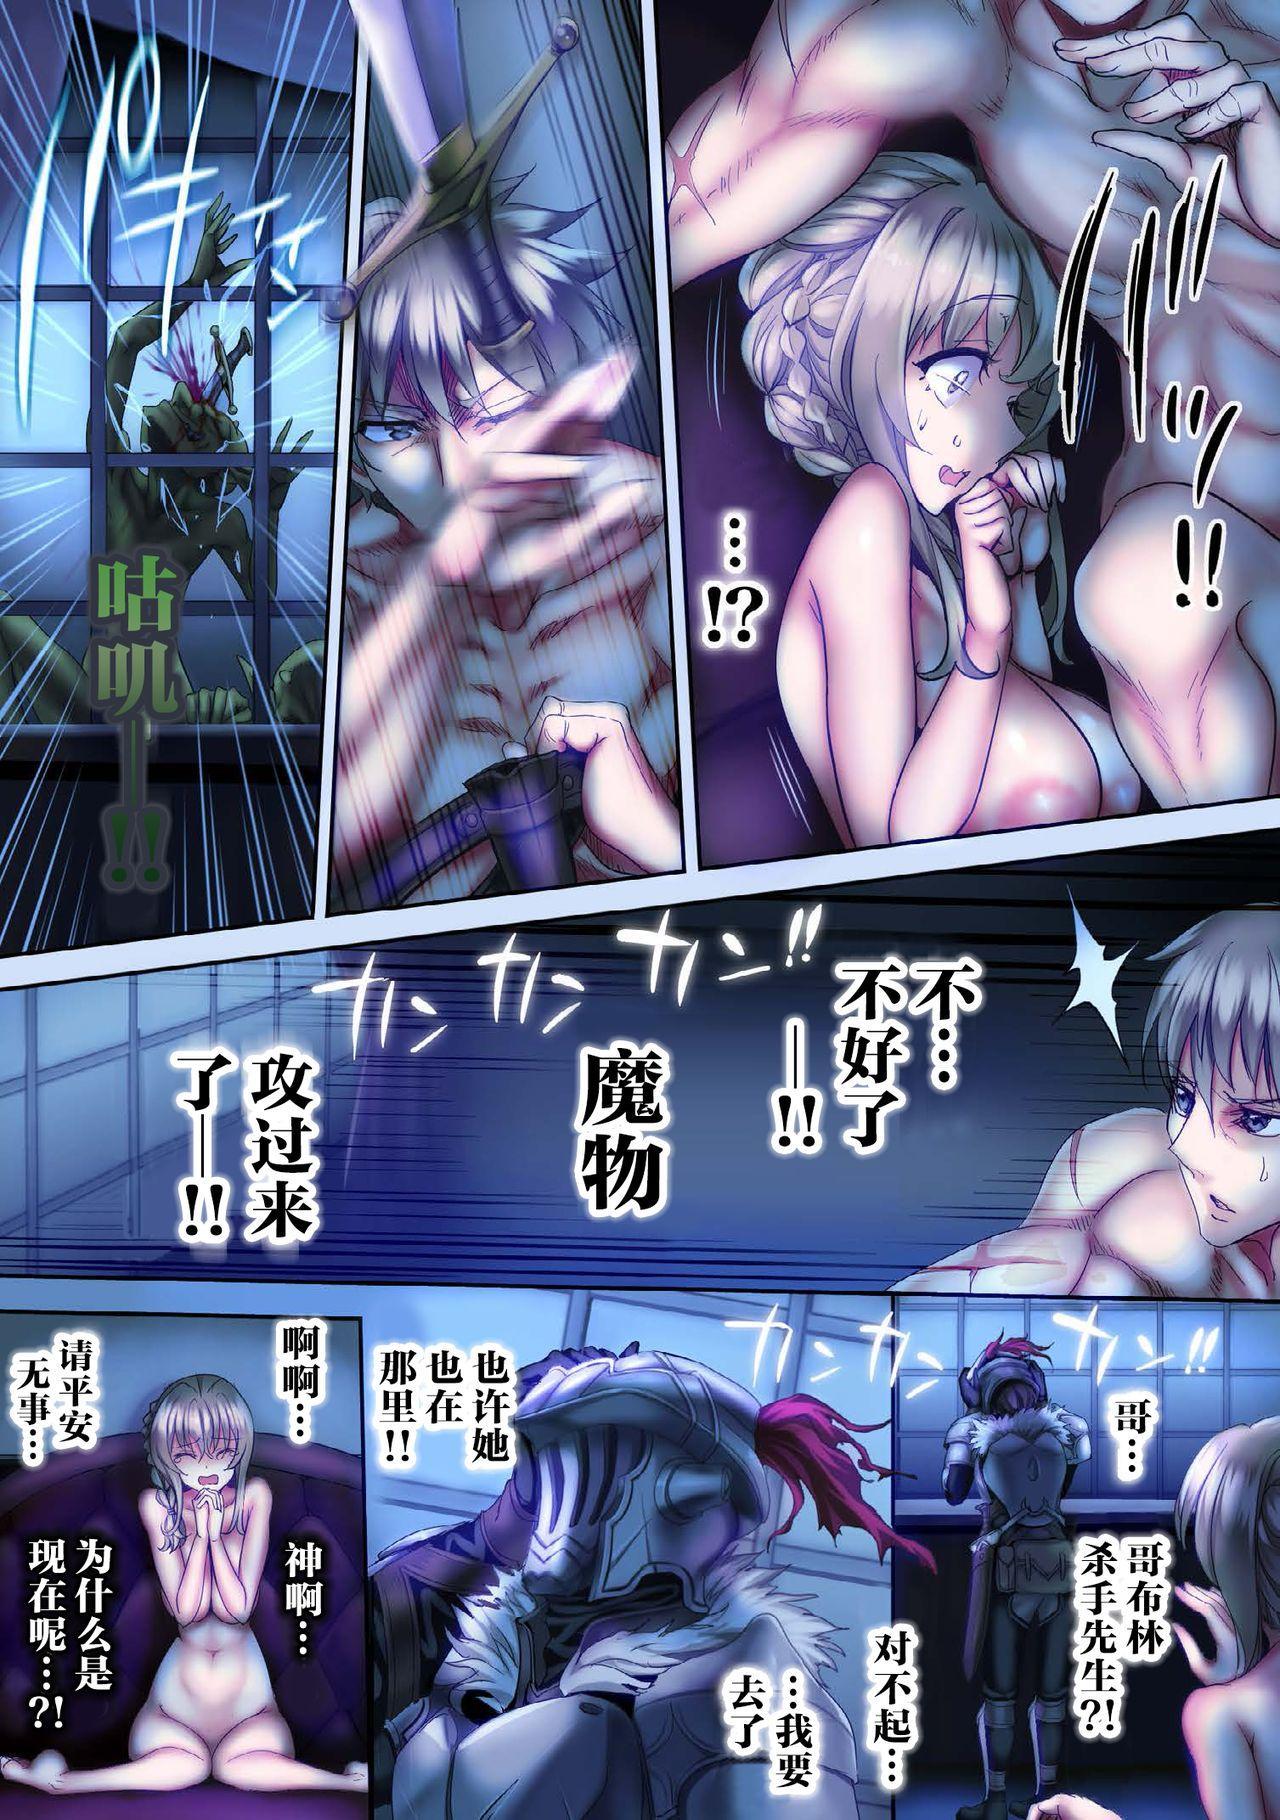 Zenmetsu Party Rape 3 | 全灭强奸派对3 63